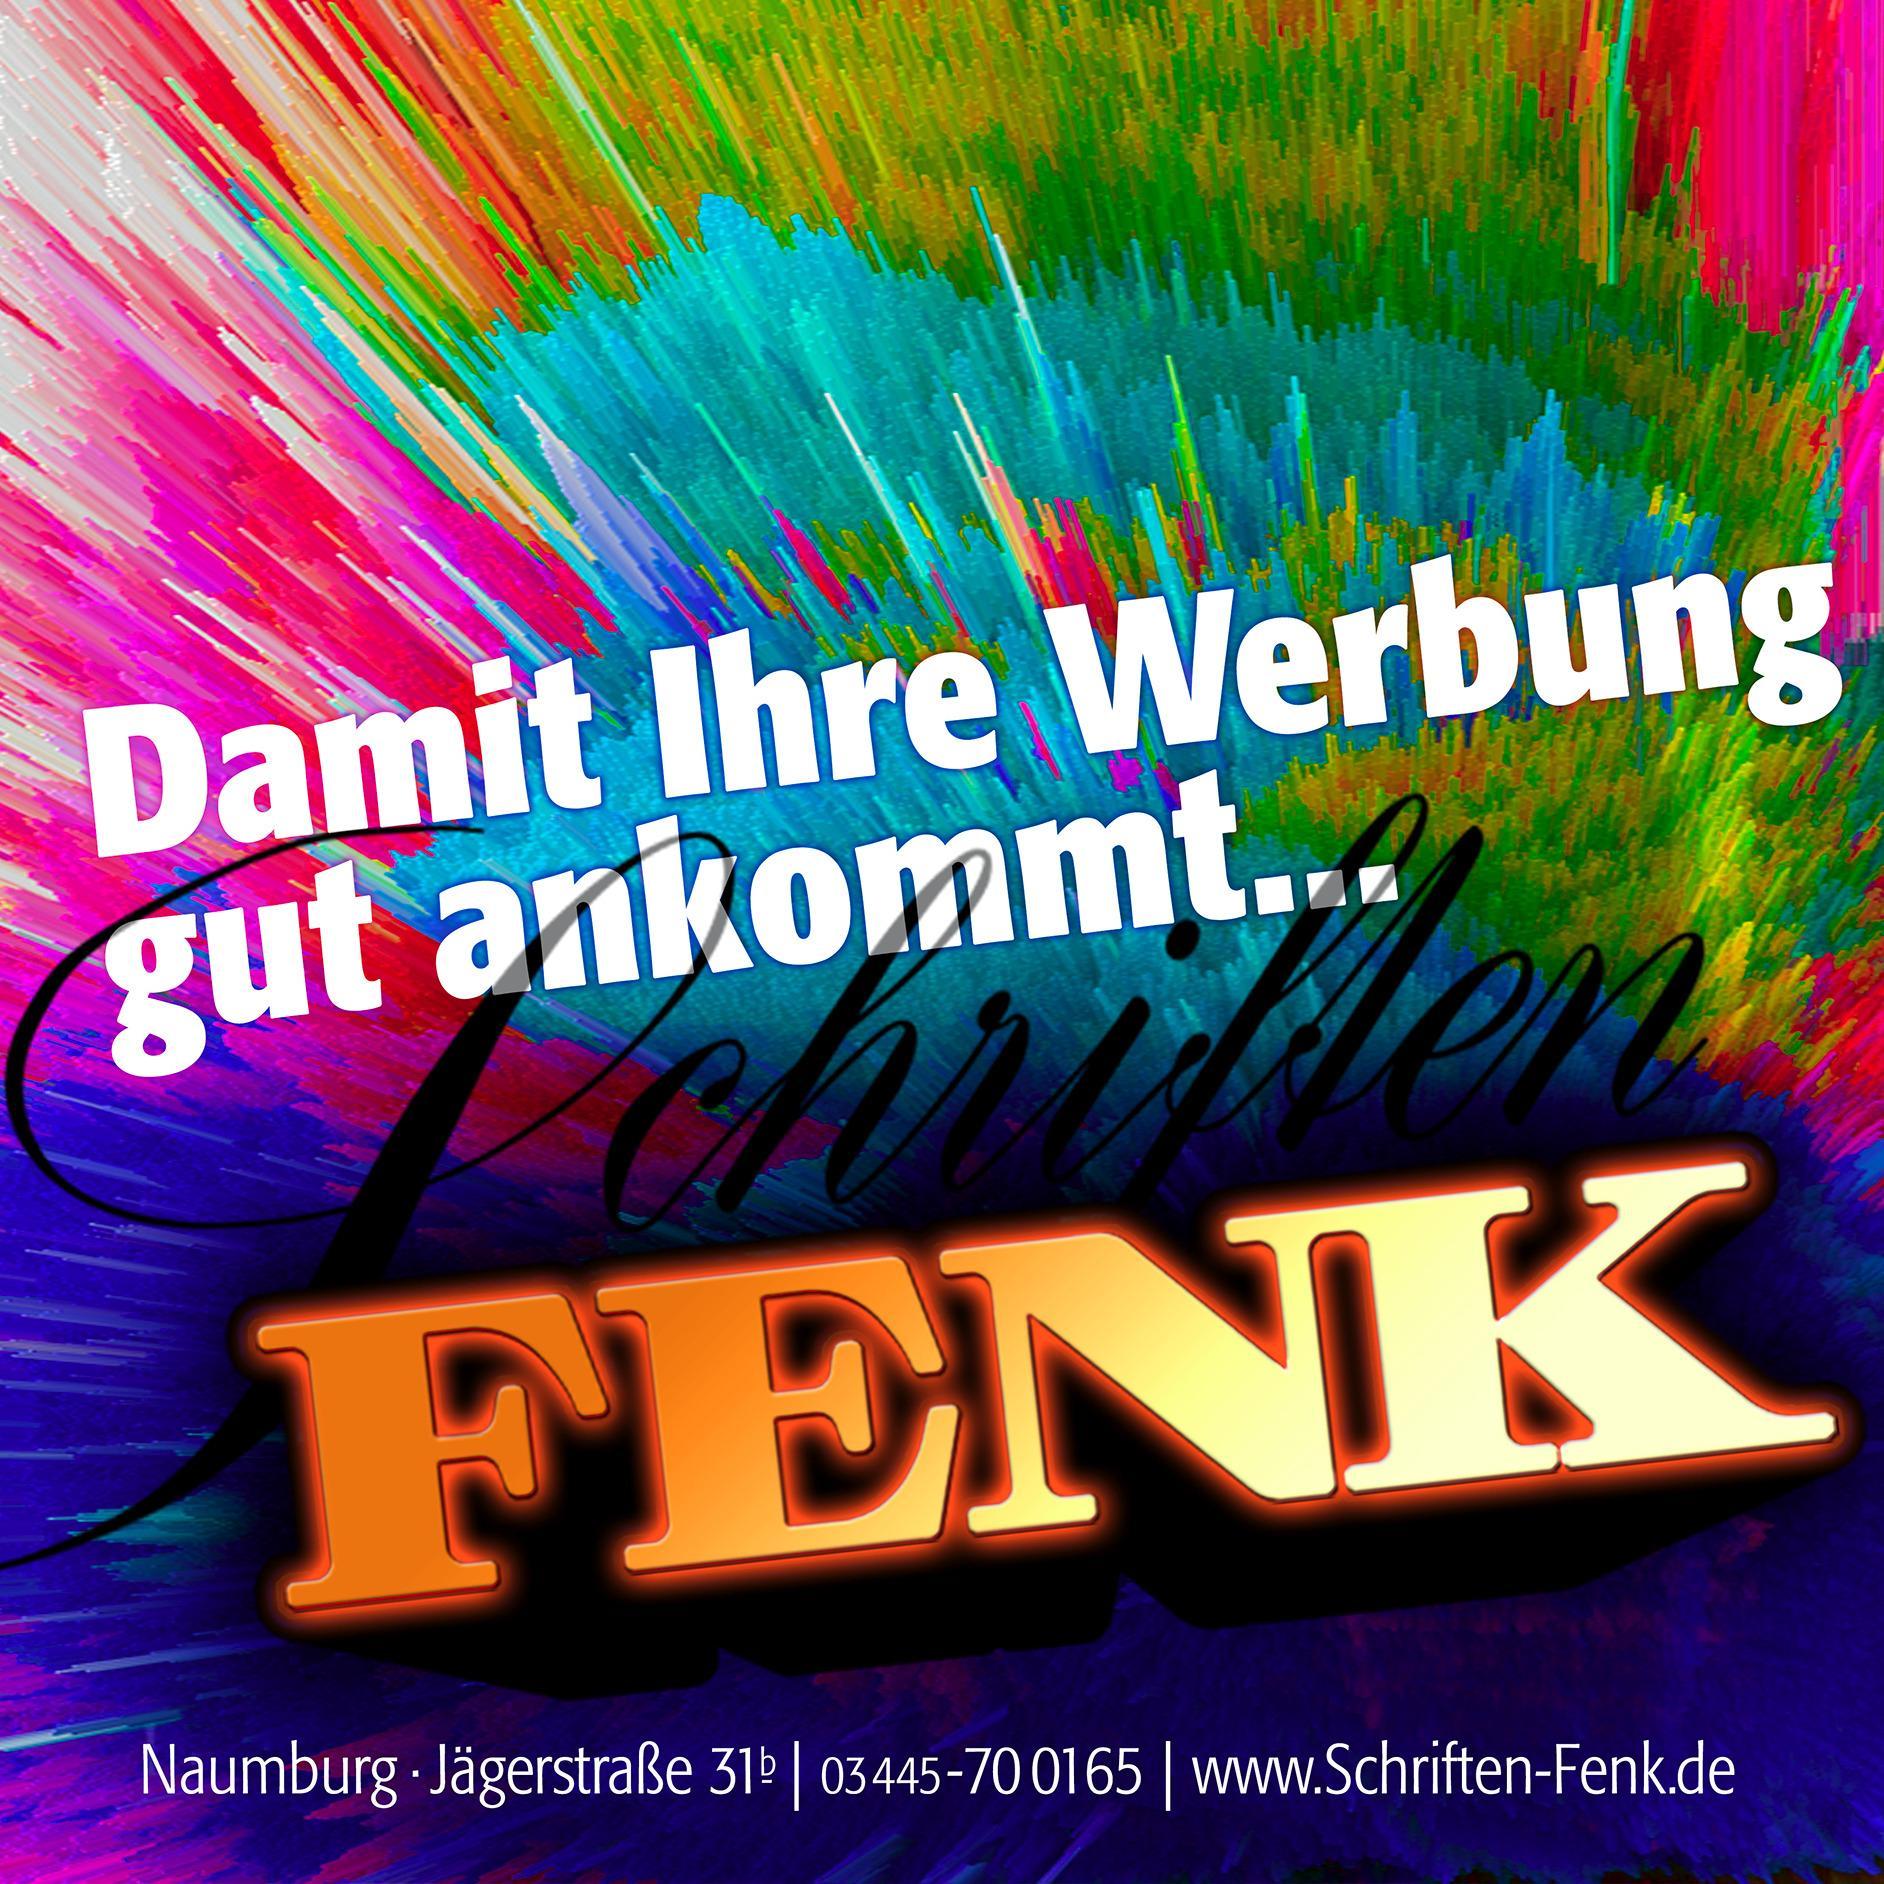 Schriften Fenk GbR